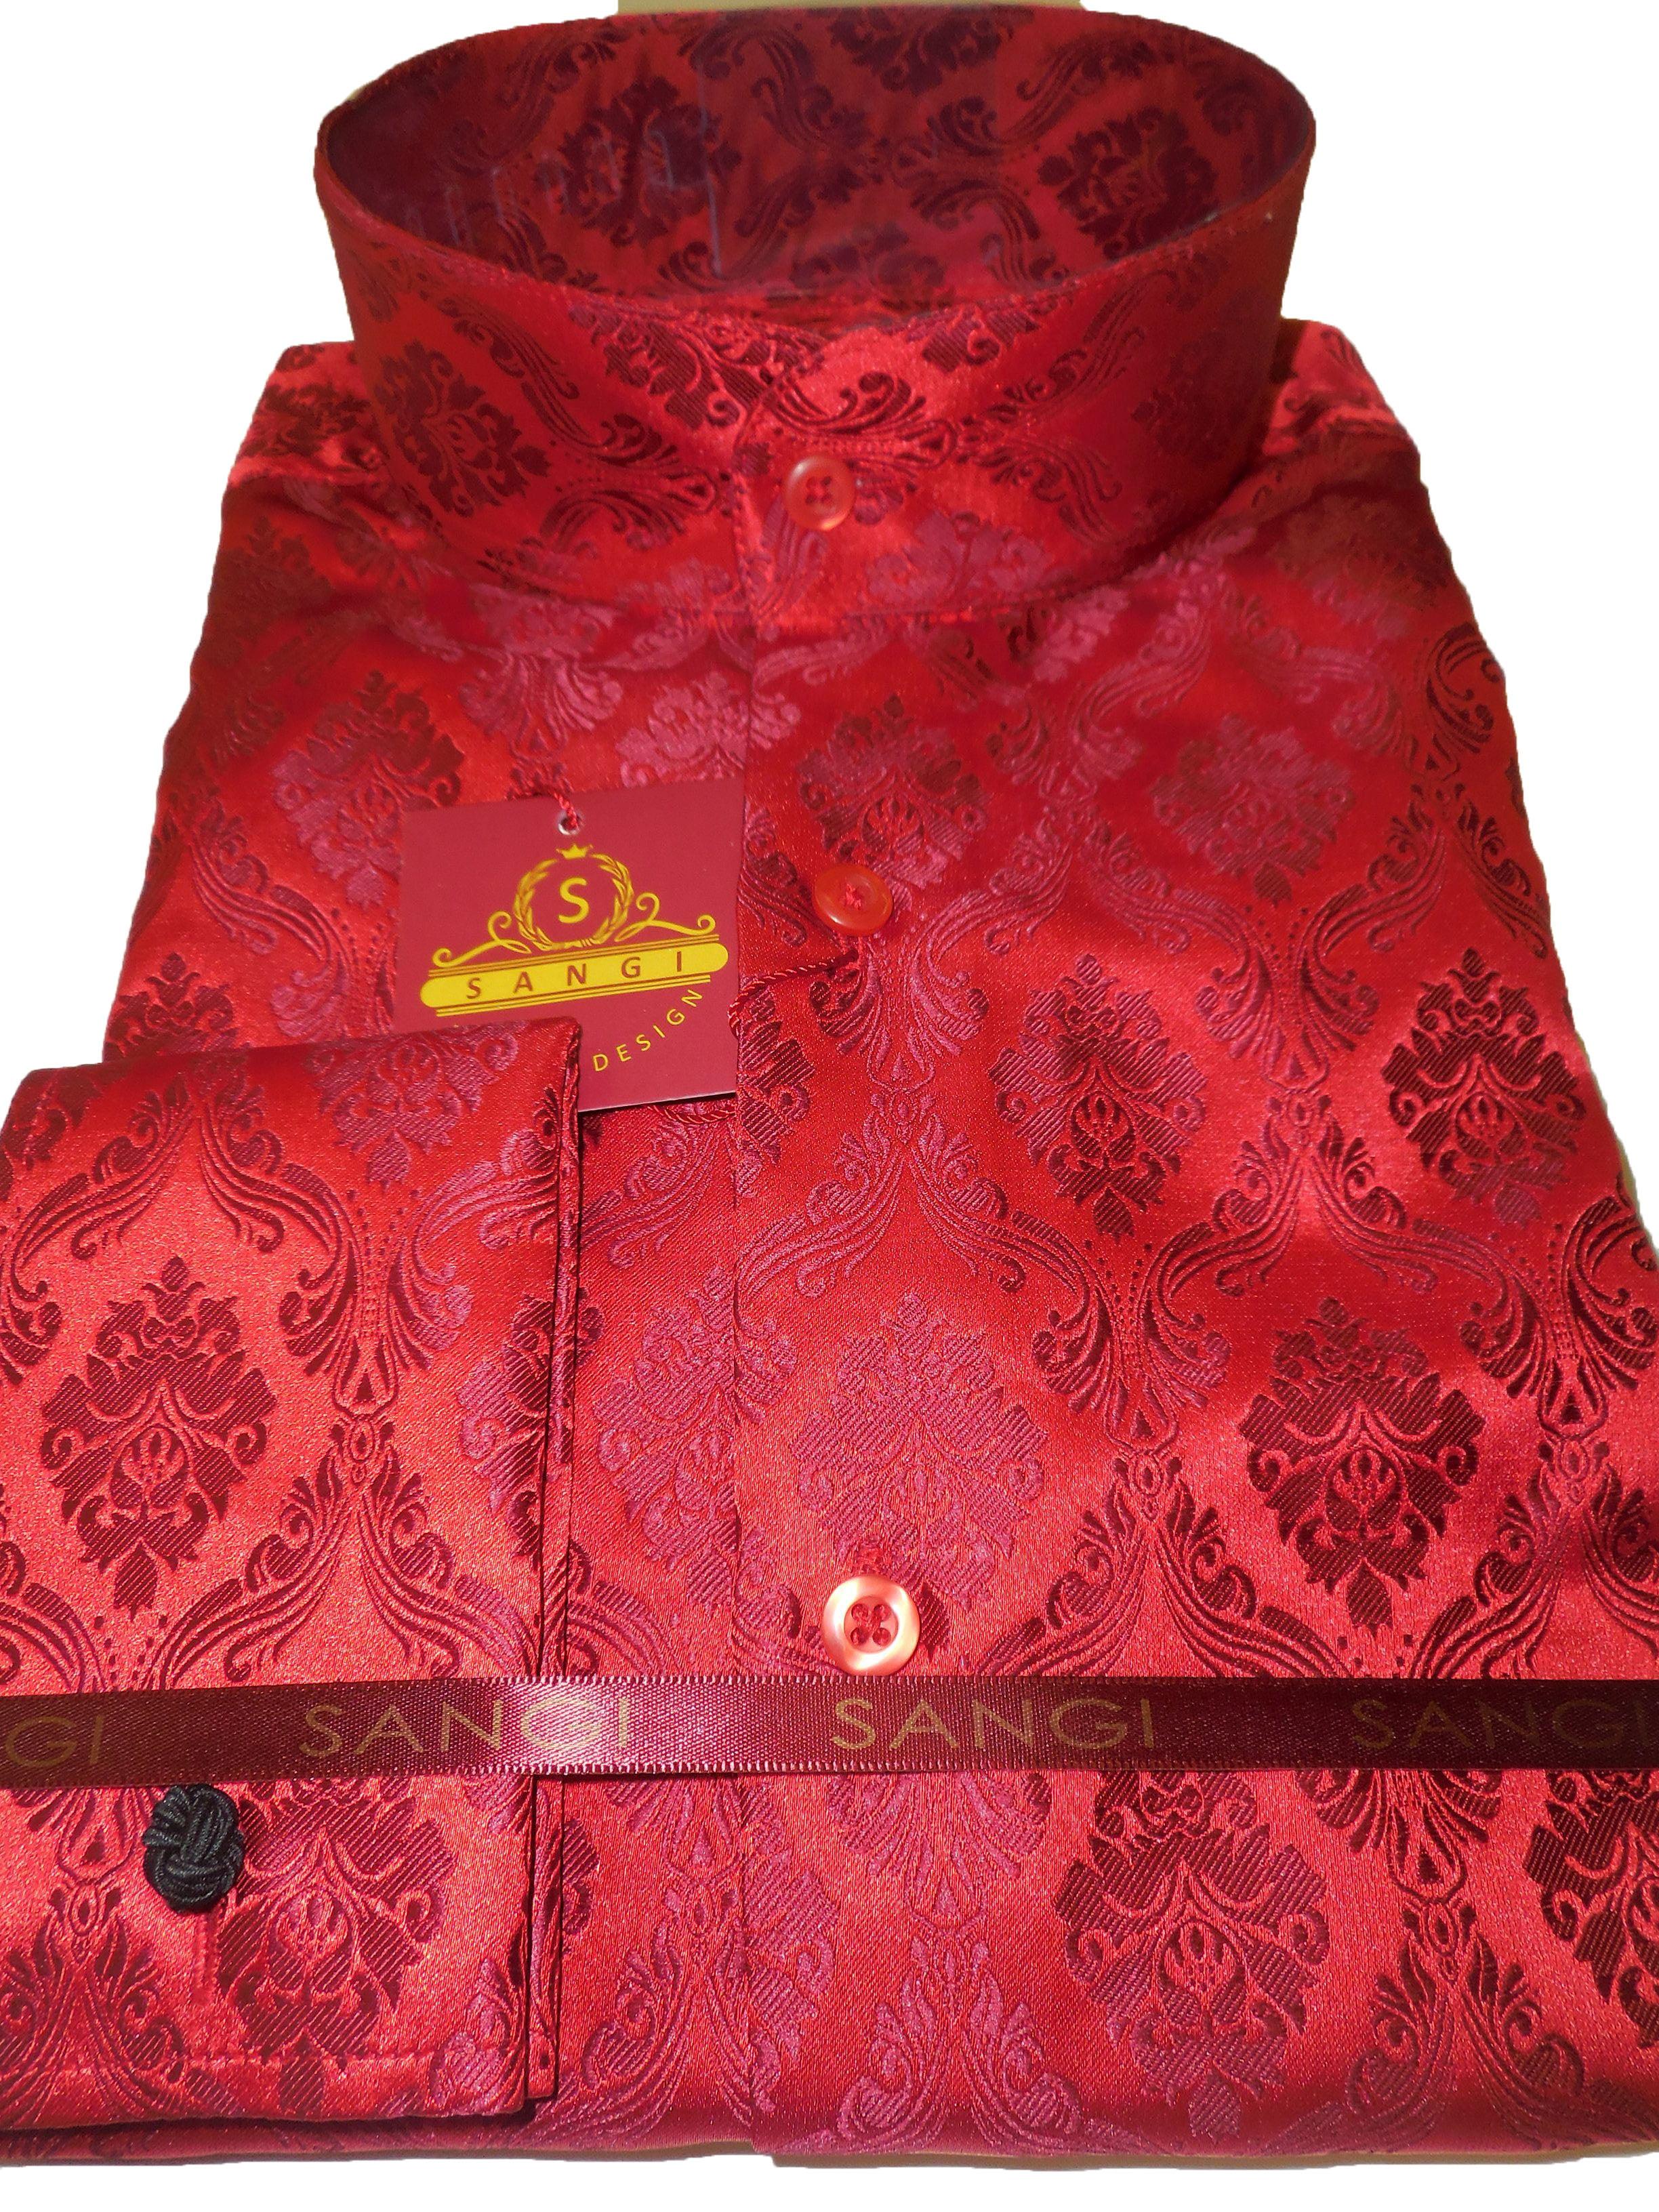 Sangi Mens Red Shimmery Damask High Nehru Collar Collarless Shirt